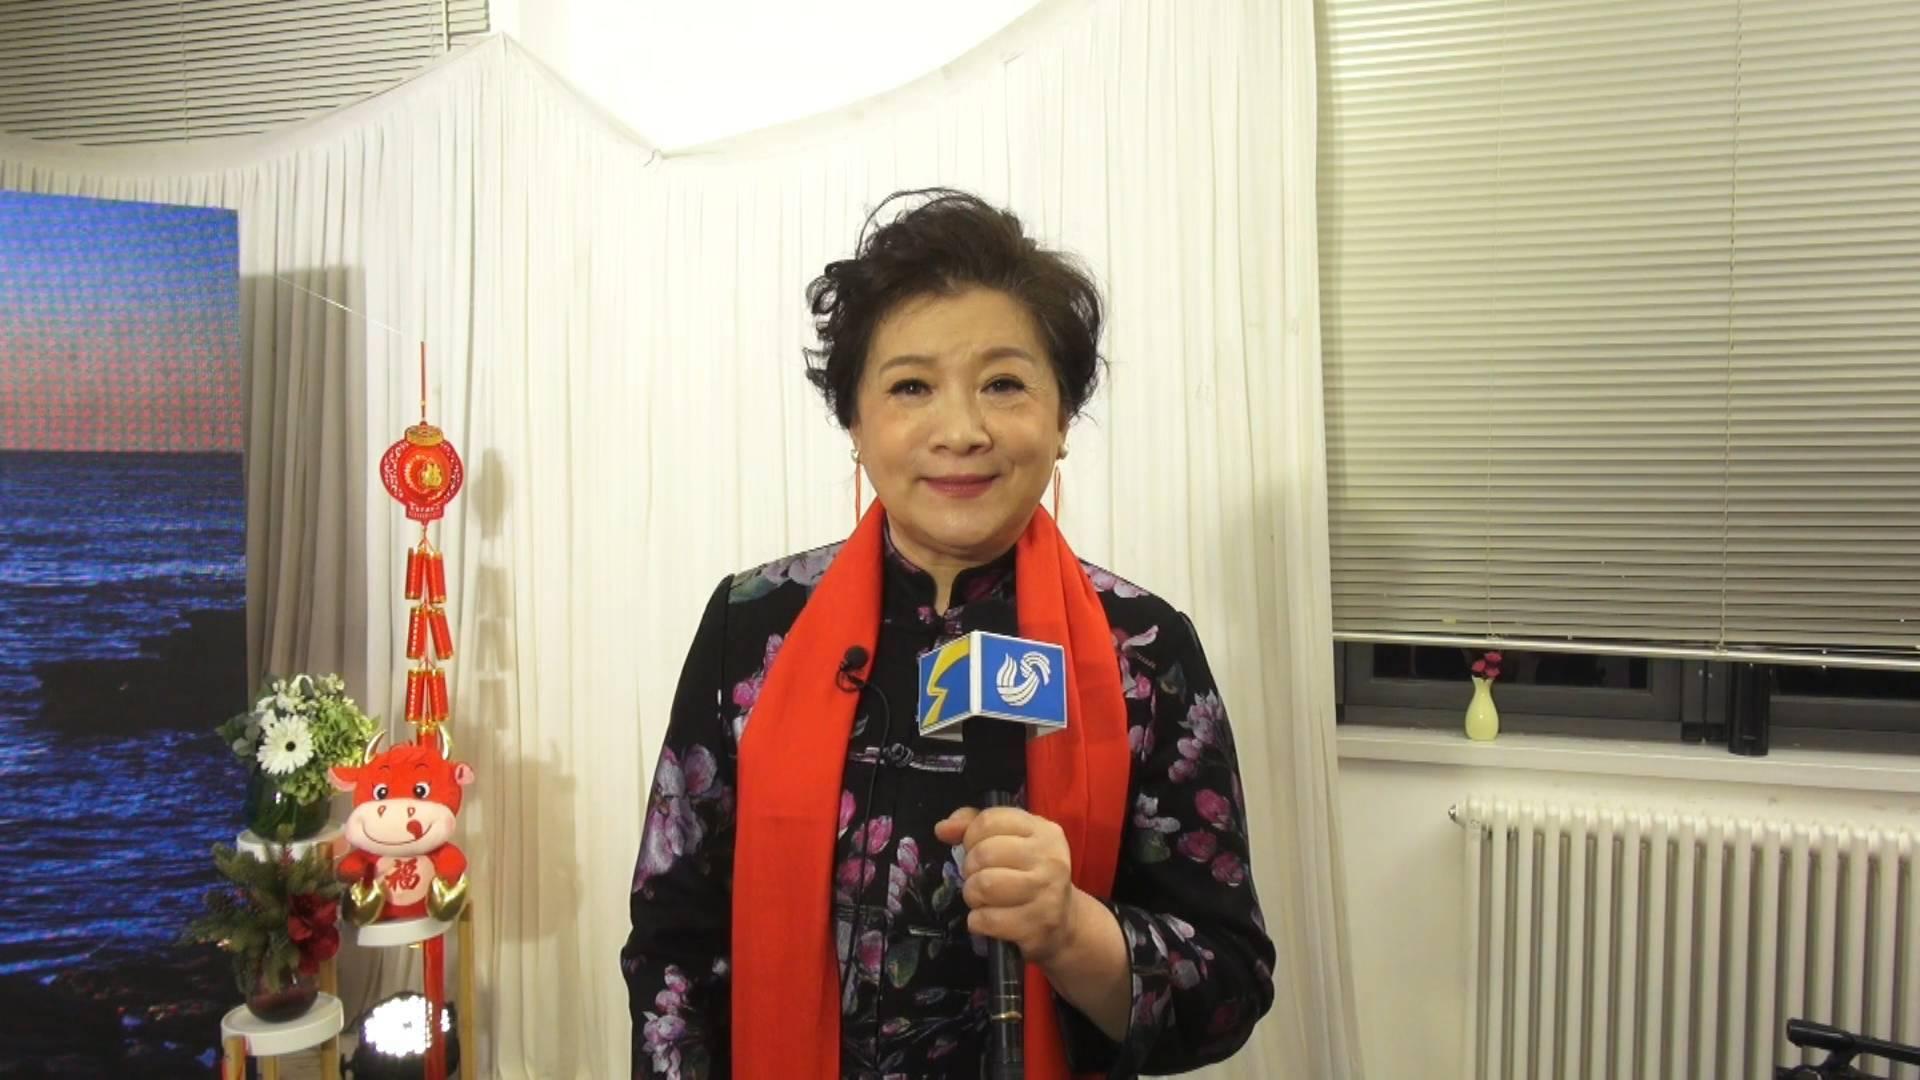 17秒 山东广播电视台新闻频道上线 演员杜宁林送上祝福